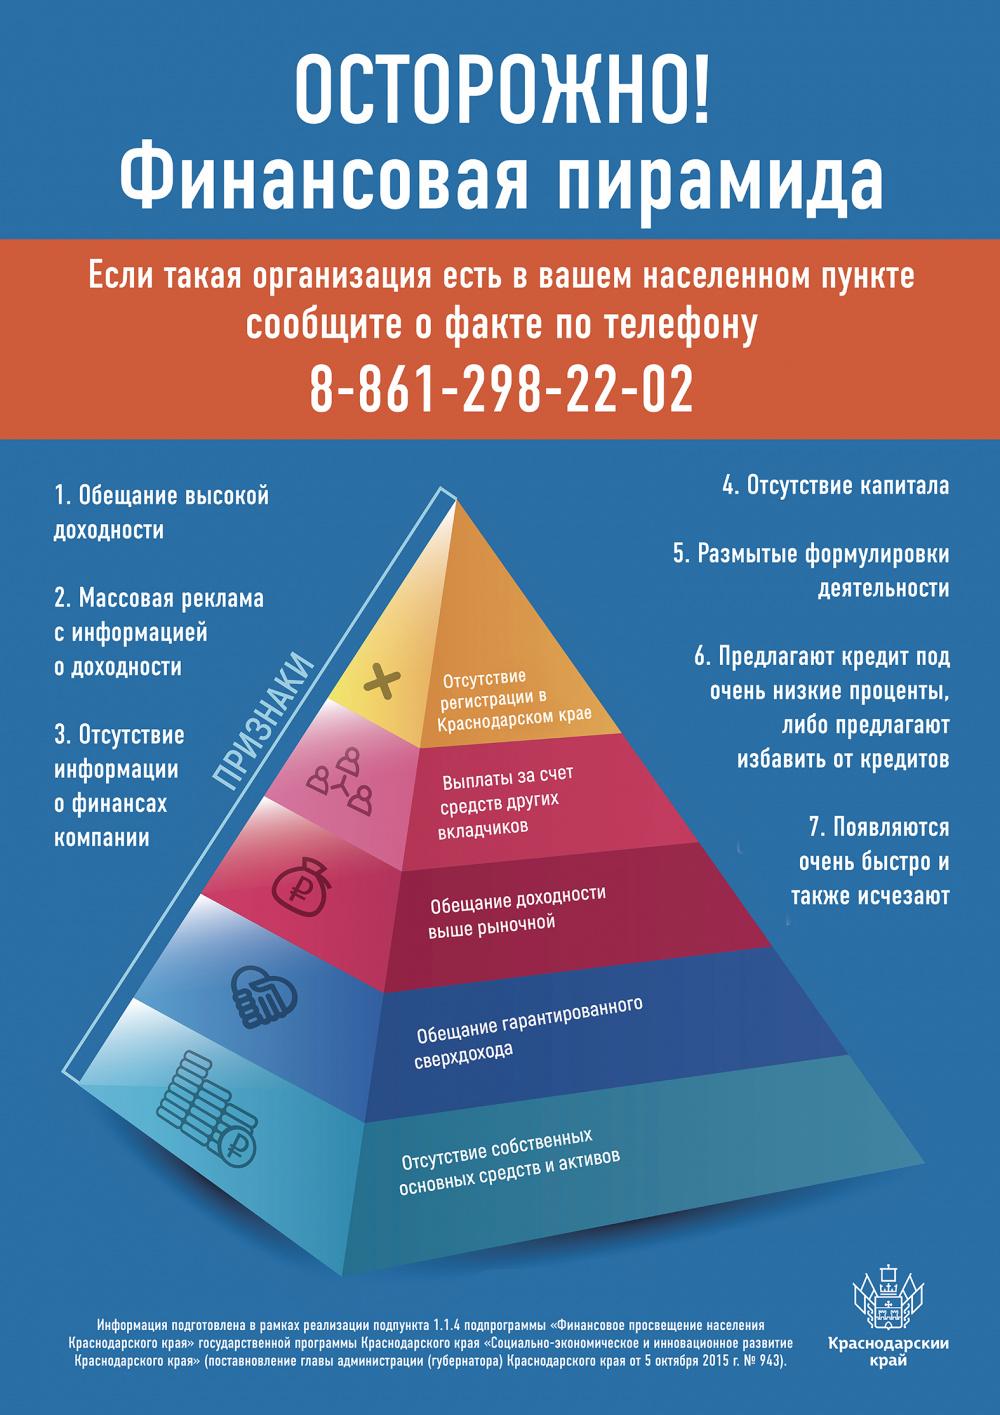 ОСТОРОЖНО! Финансовая пирамида